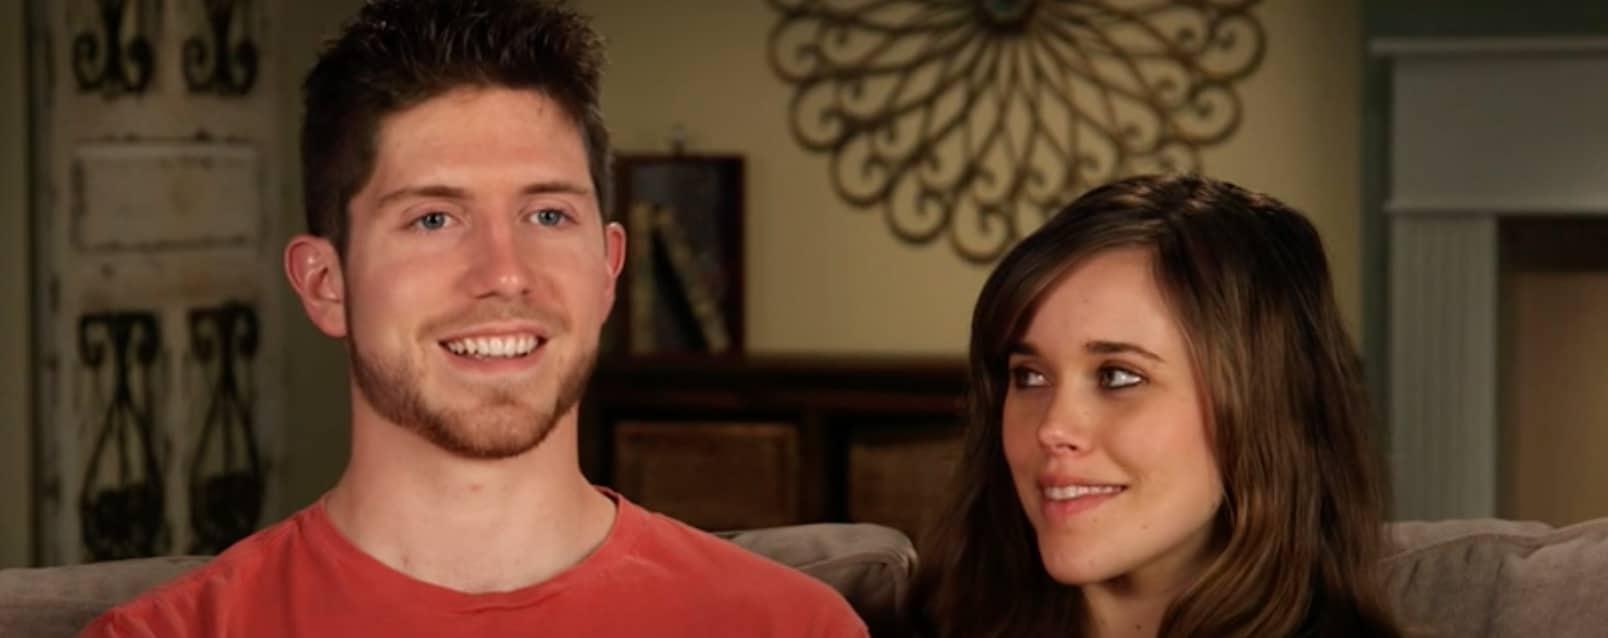 TLC YouTube, Ben & Jessa Seewald